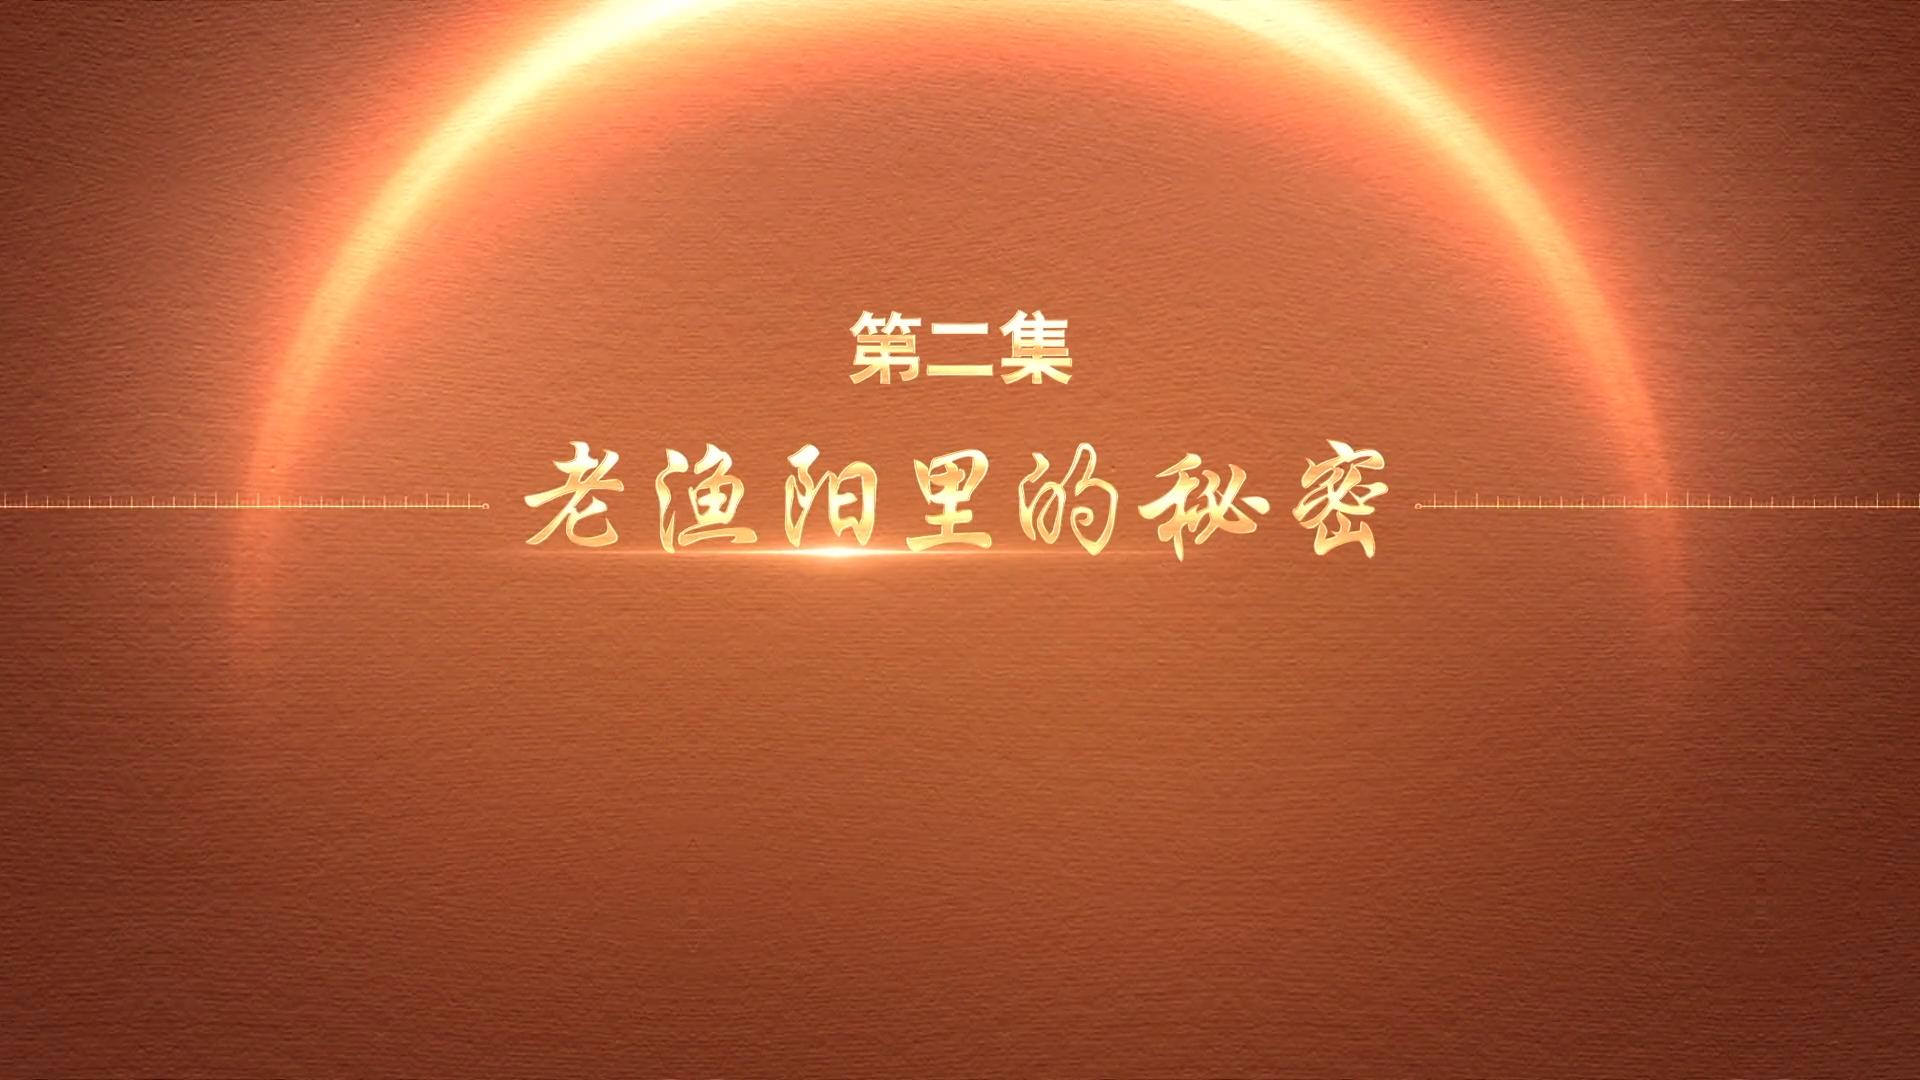 百炼成钢(100年100集):第二集《老渔阳里的秘密》